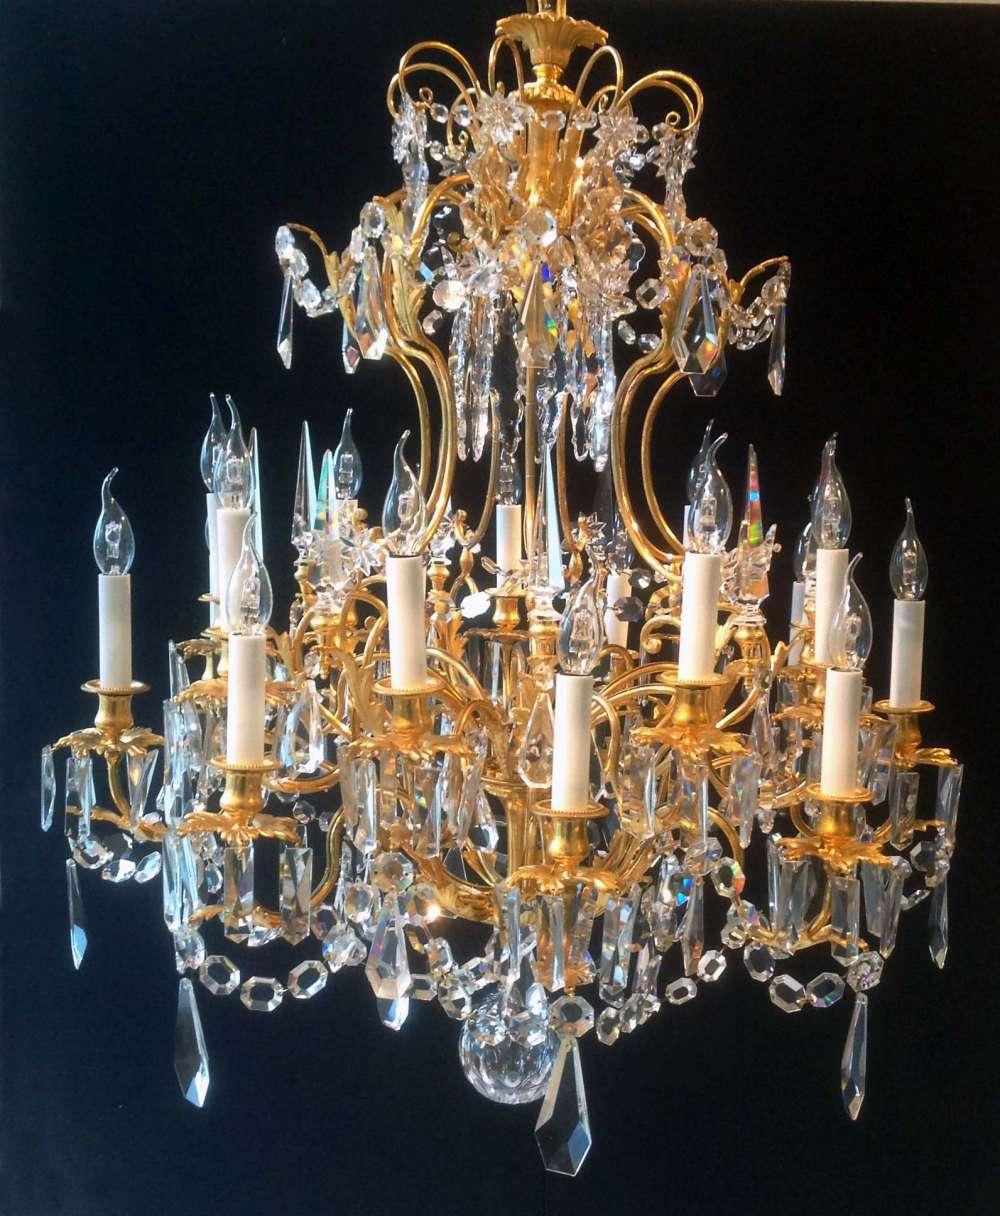 le march biron lustre en bronze dor et cristal du xix si cle. Black Bedroom Furniture Sets. Home Design Ideas